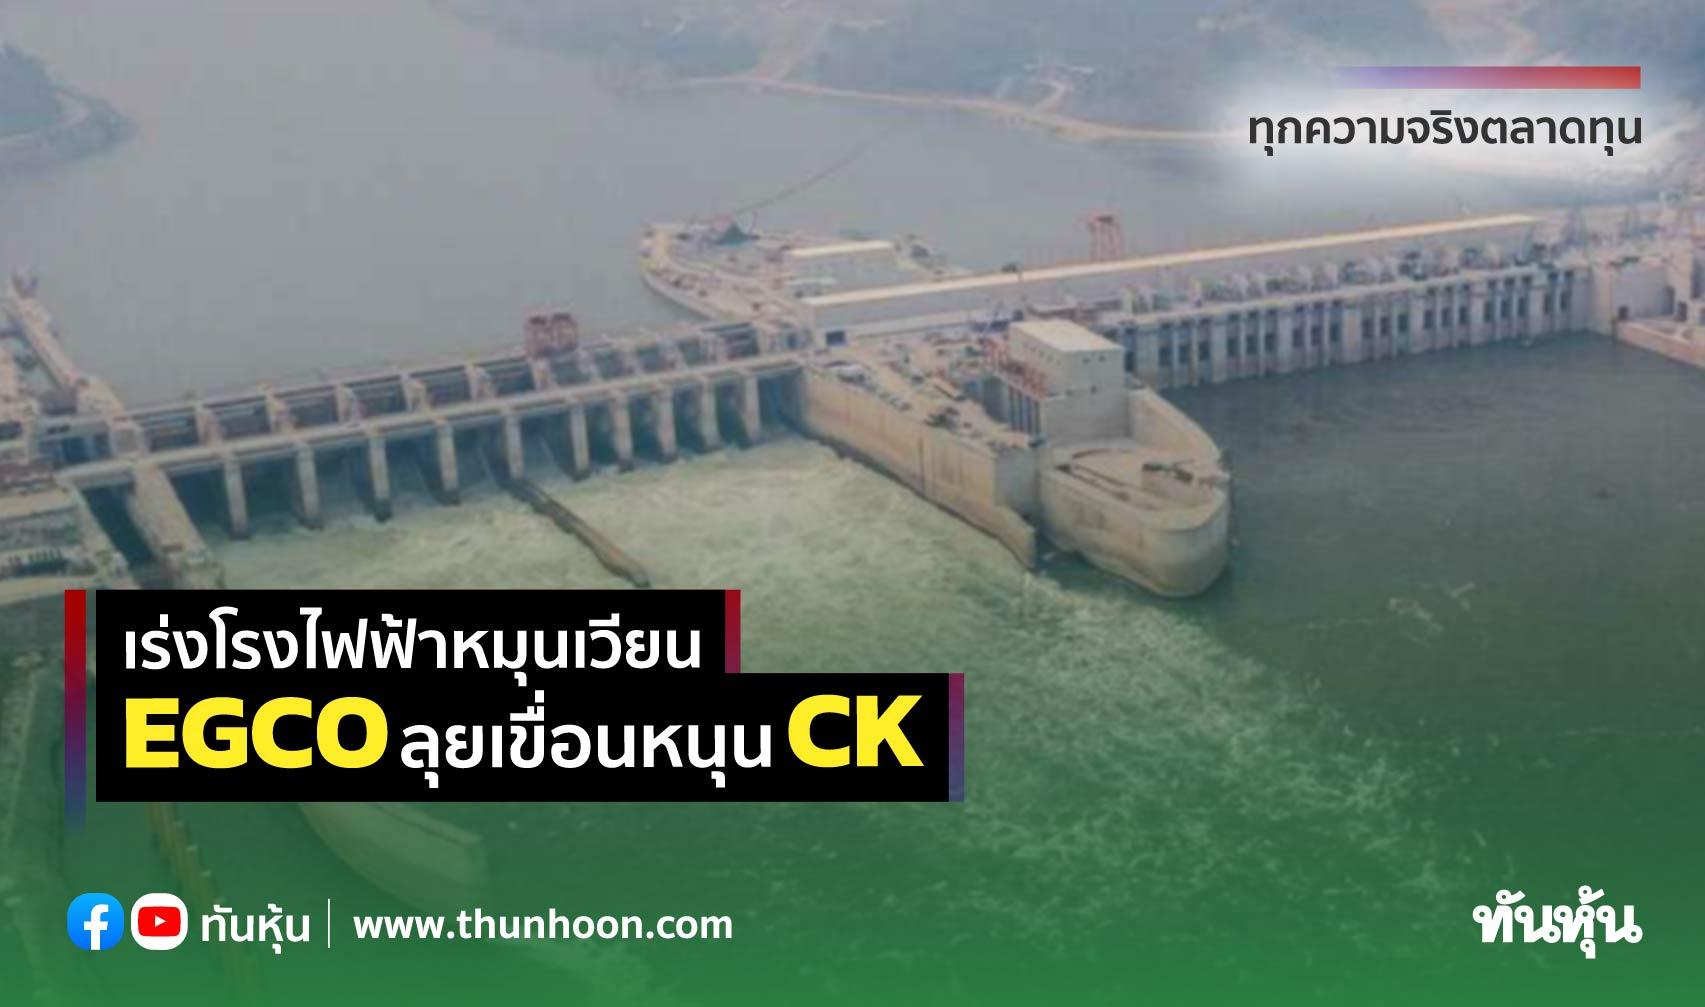 เร่งโรงไฟฟ้าหมุนเวียน EGCOลุยเขื่อนหนุนCK